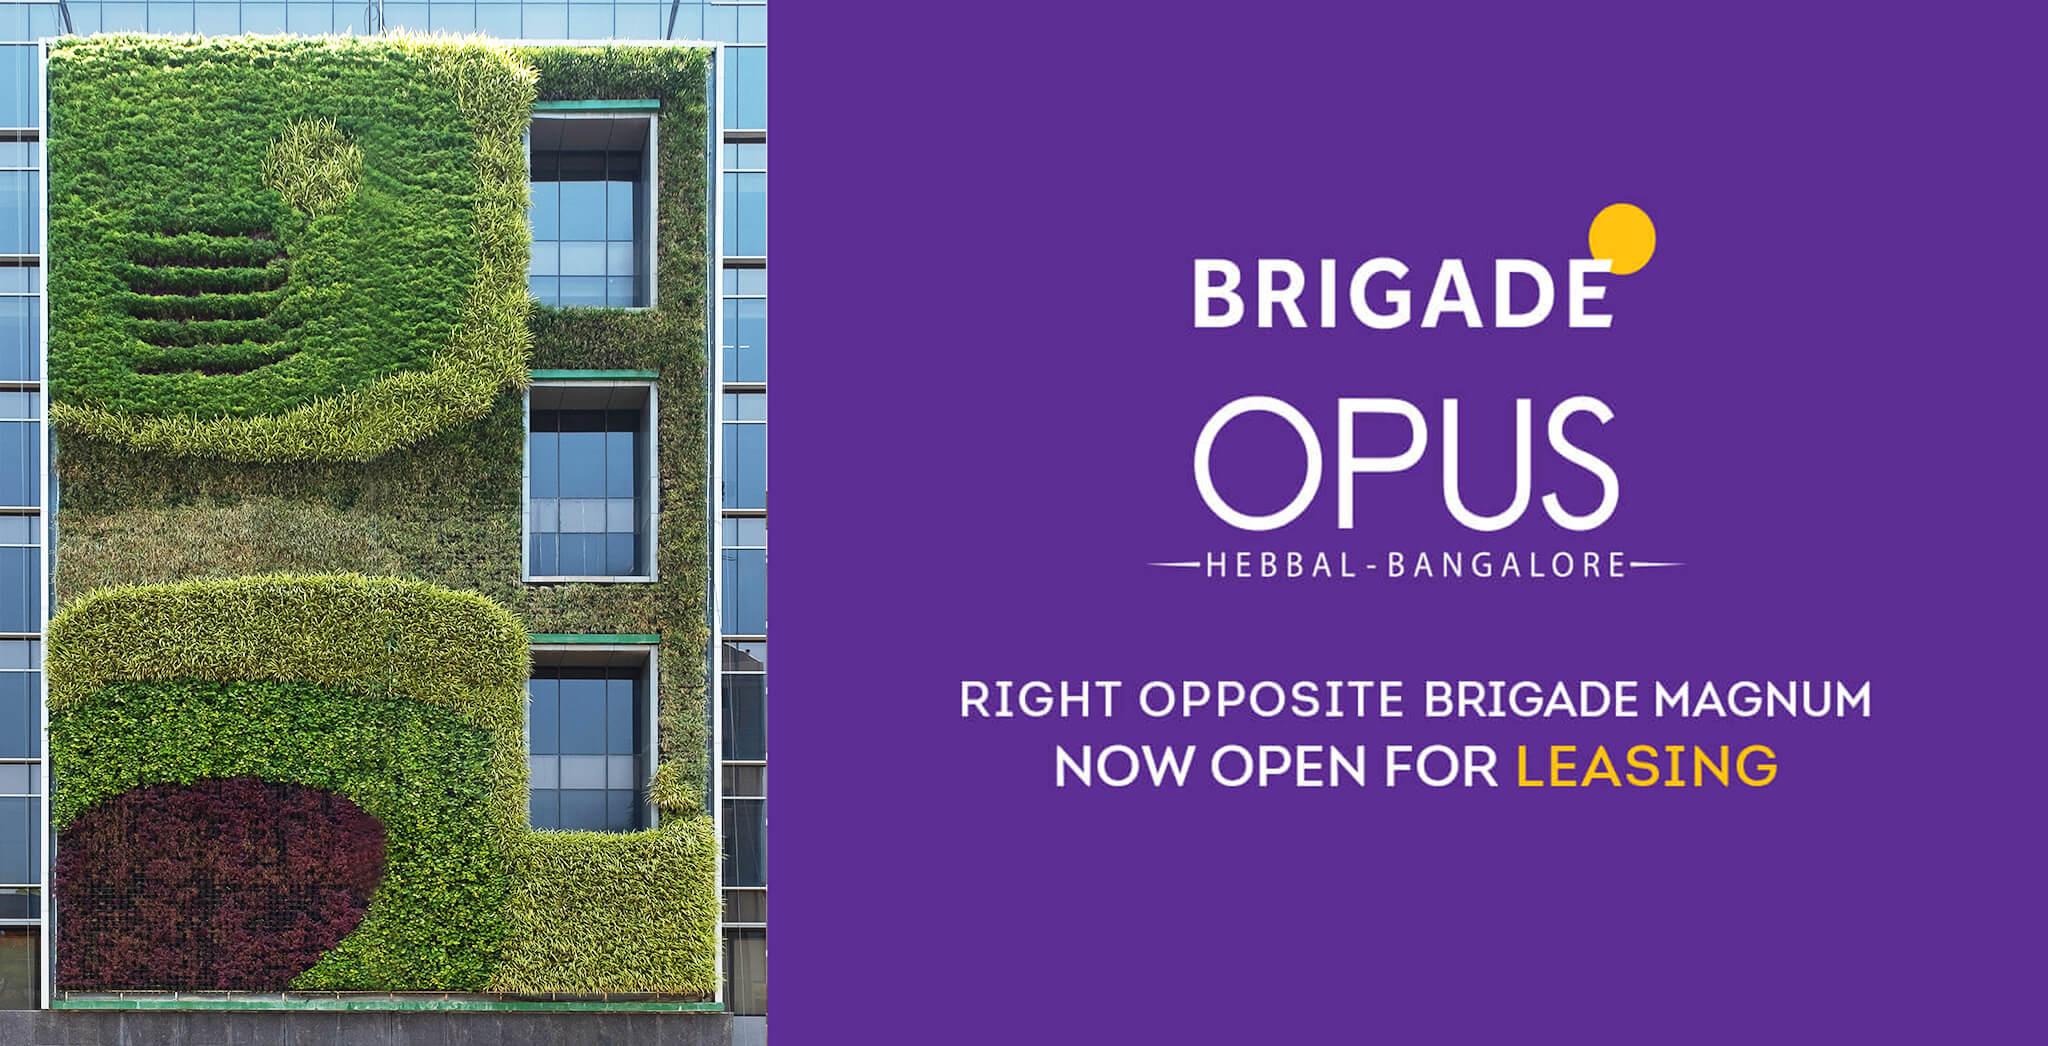 Brigade Opus gallery image